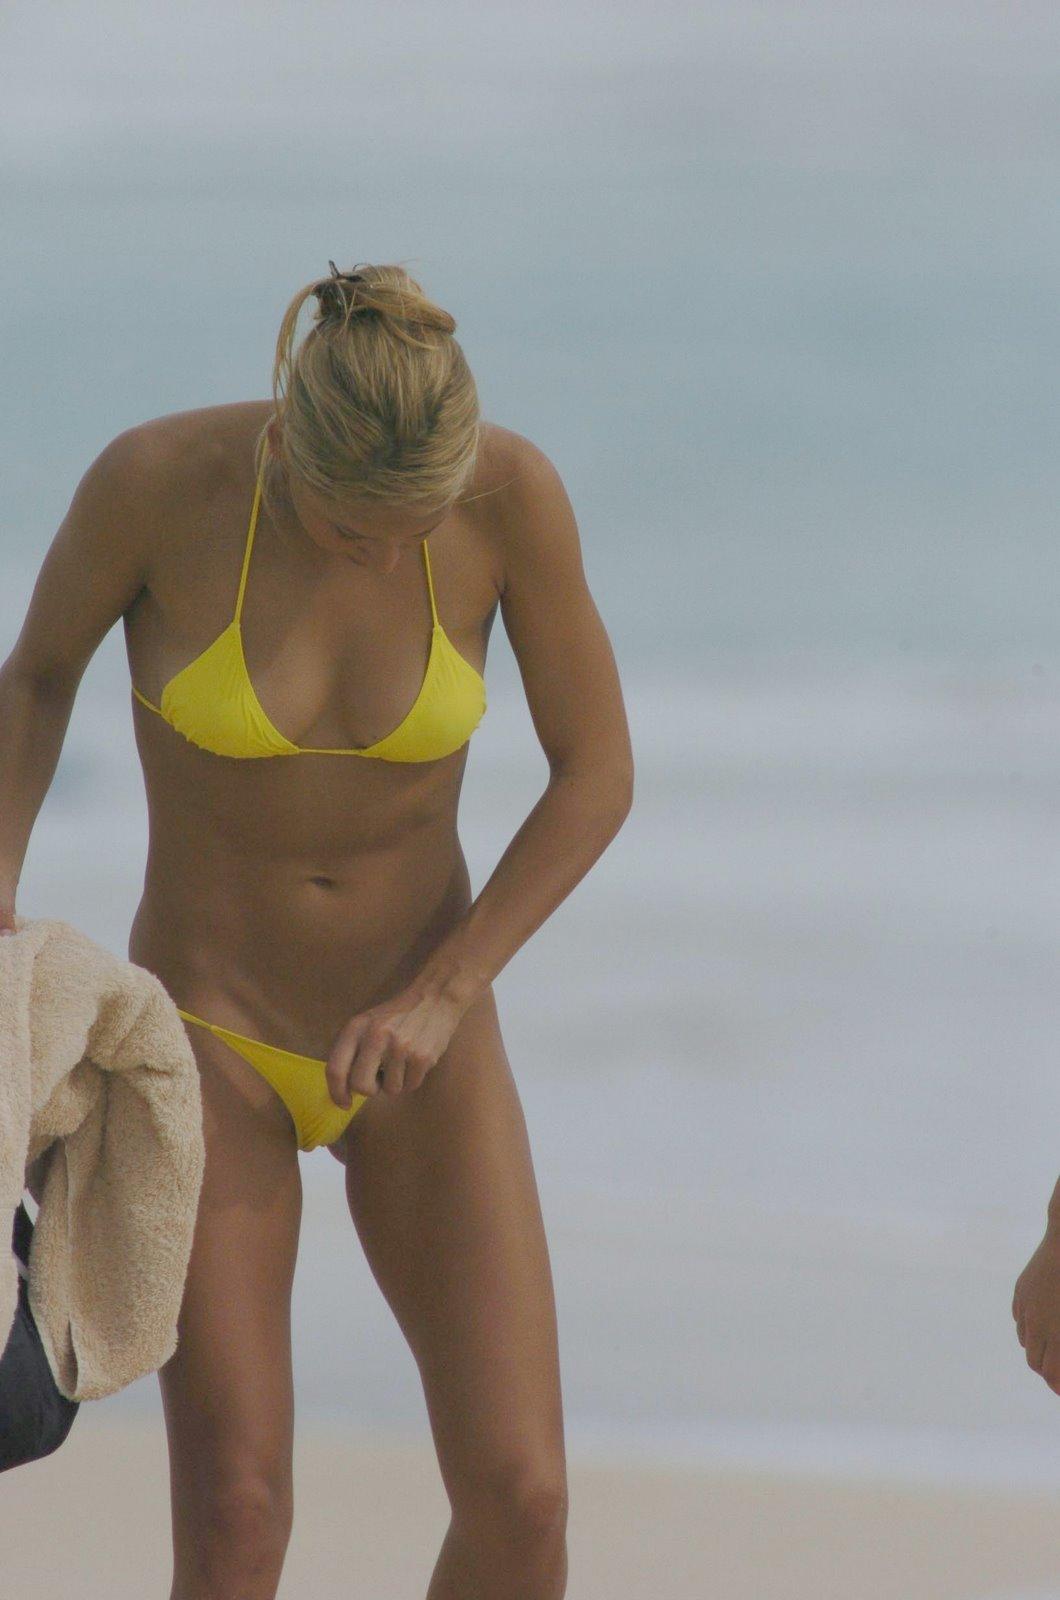 http://1.bp.blogspot.com/-ml5DxecBRiY/TnvorjFBQPI/AAAAAAAABPM/YuuvwAsW1pE/s1600/anna-kournikova-bikini-sexy-pictures+%25282%2529.jpg